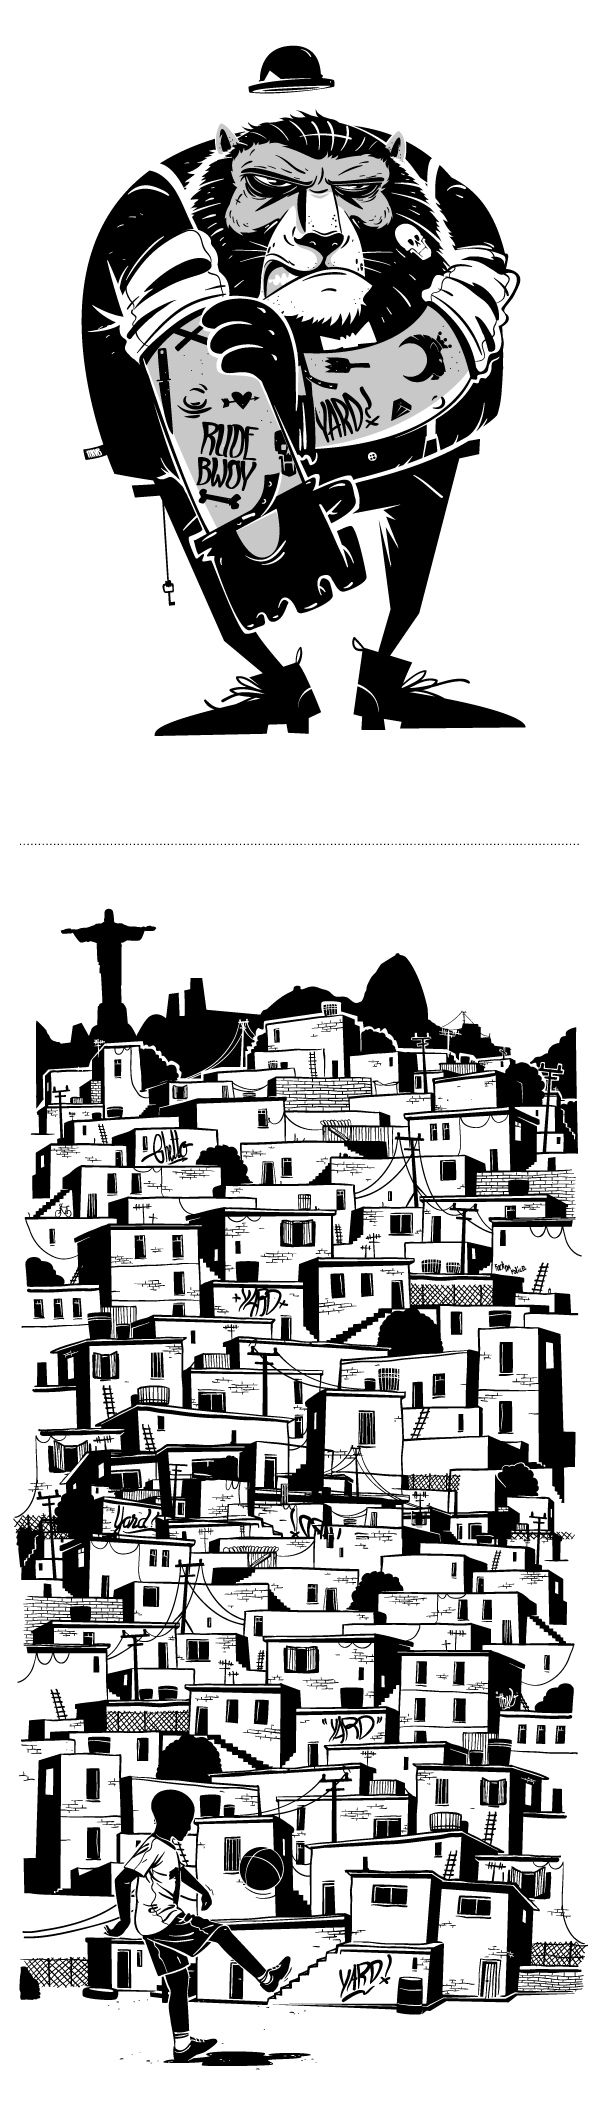 HRVB illustration on Behance. Blinds me with his imagination! #illustration #artist #portfolio